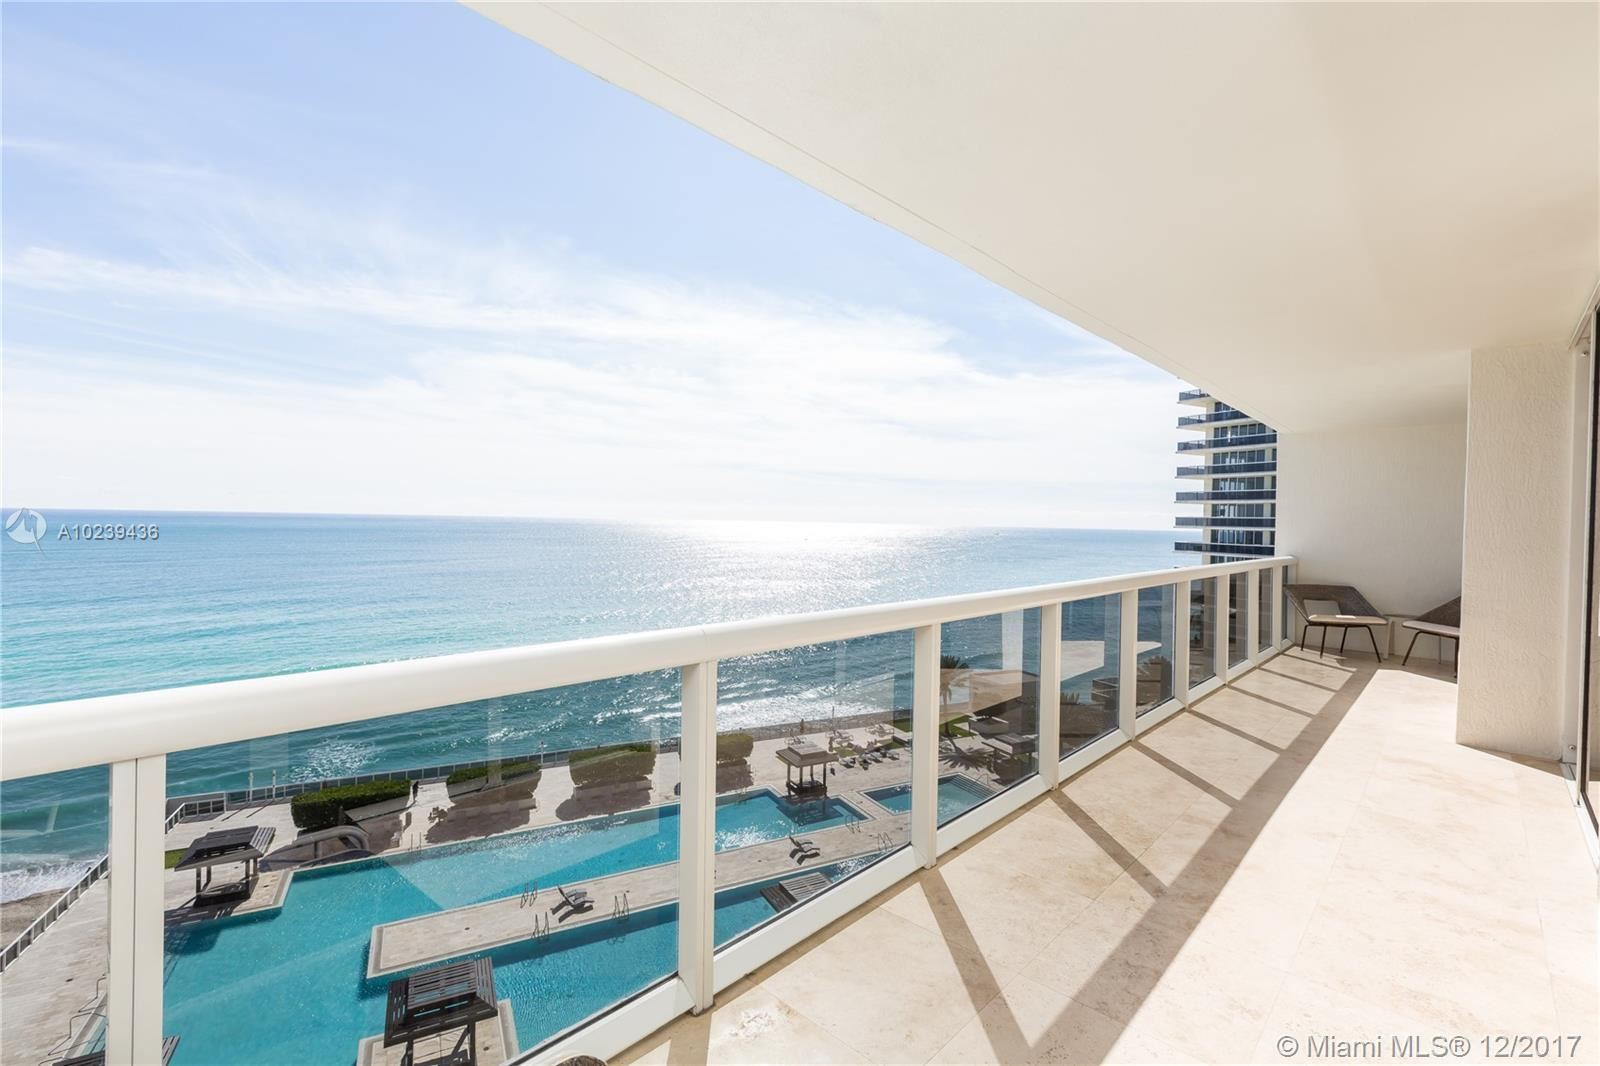 1800 S Ocean Dr #1502, Hallandale Beach, FL 33009 - #: A10239436